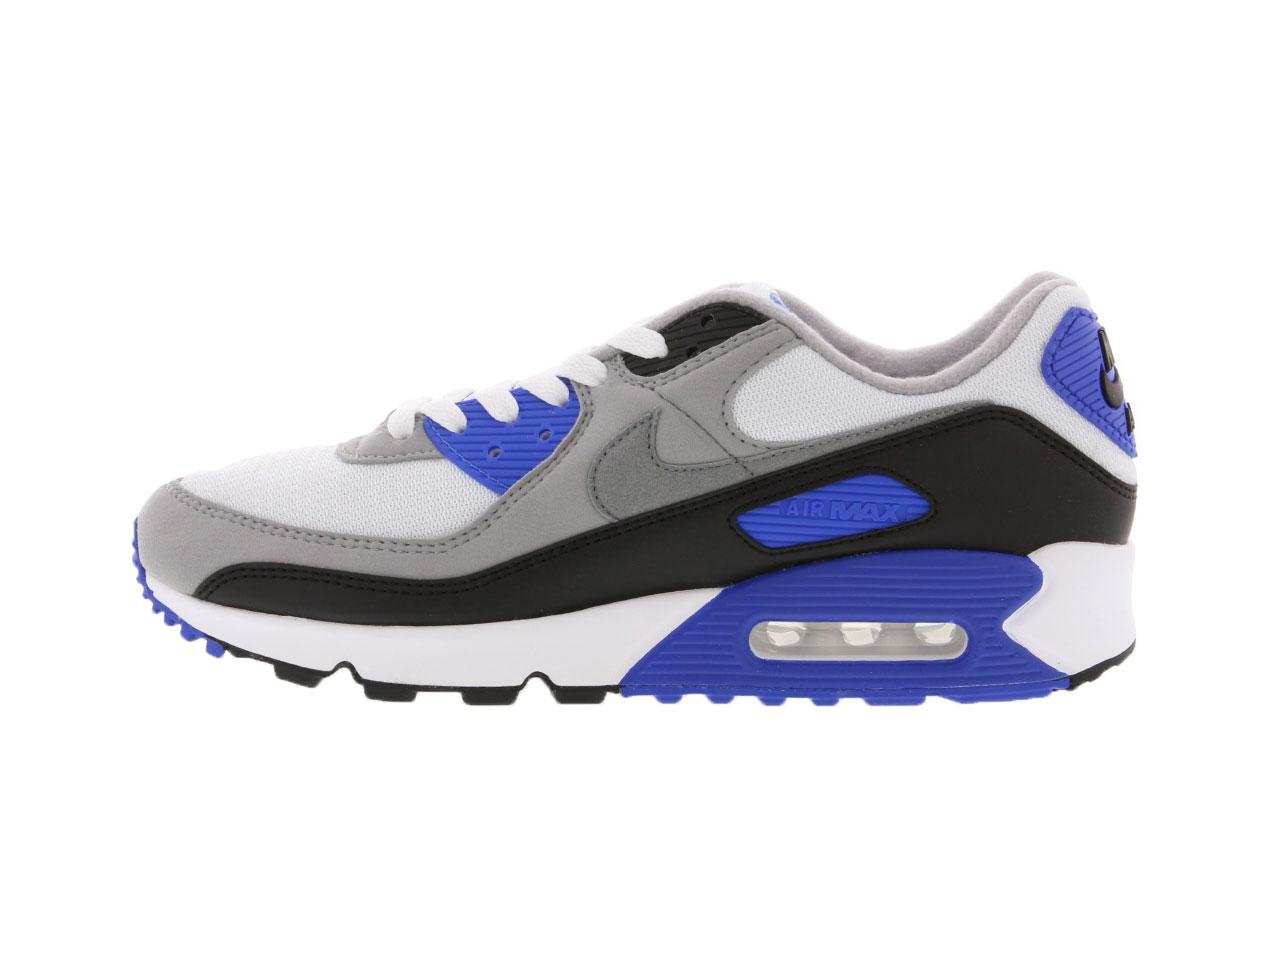 【20%OFF!】NIKE AIR MAX 90(CD0881-102)【ナイキ】【メンズファッション】【シューズ】【スニーカー】【靴】【フットウェア】